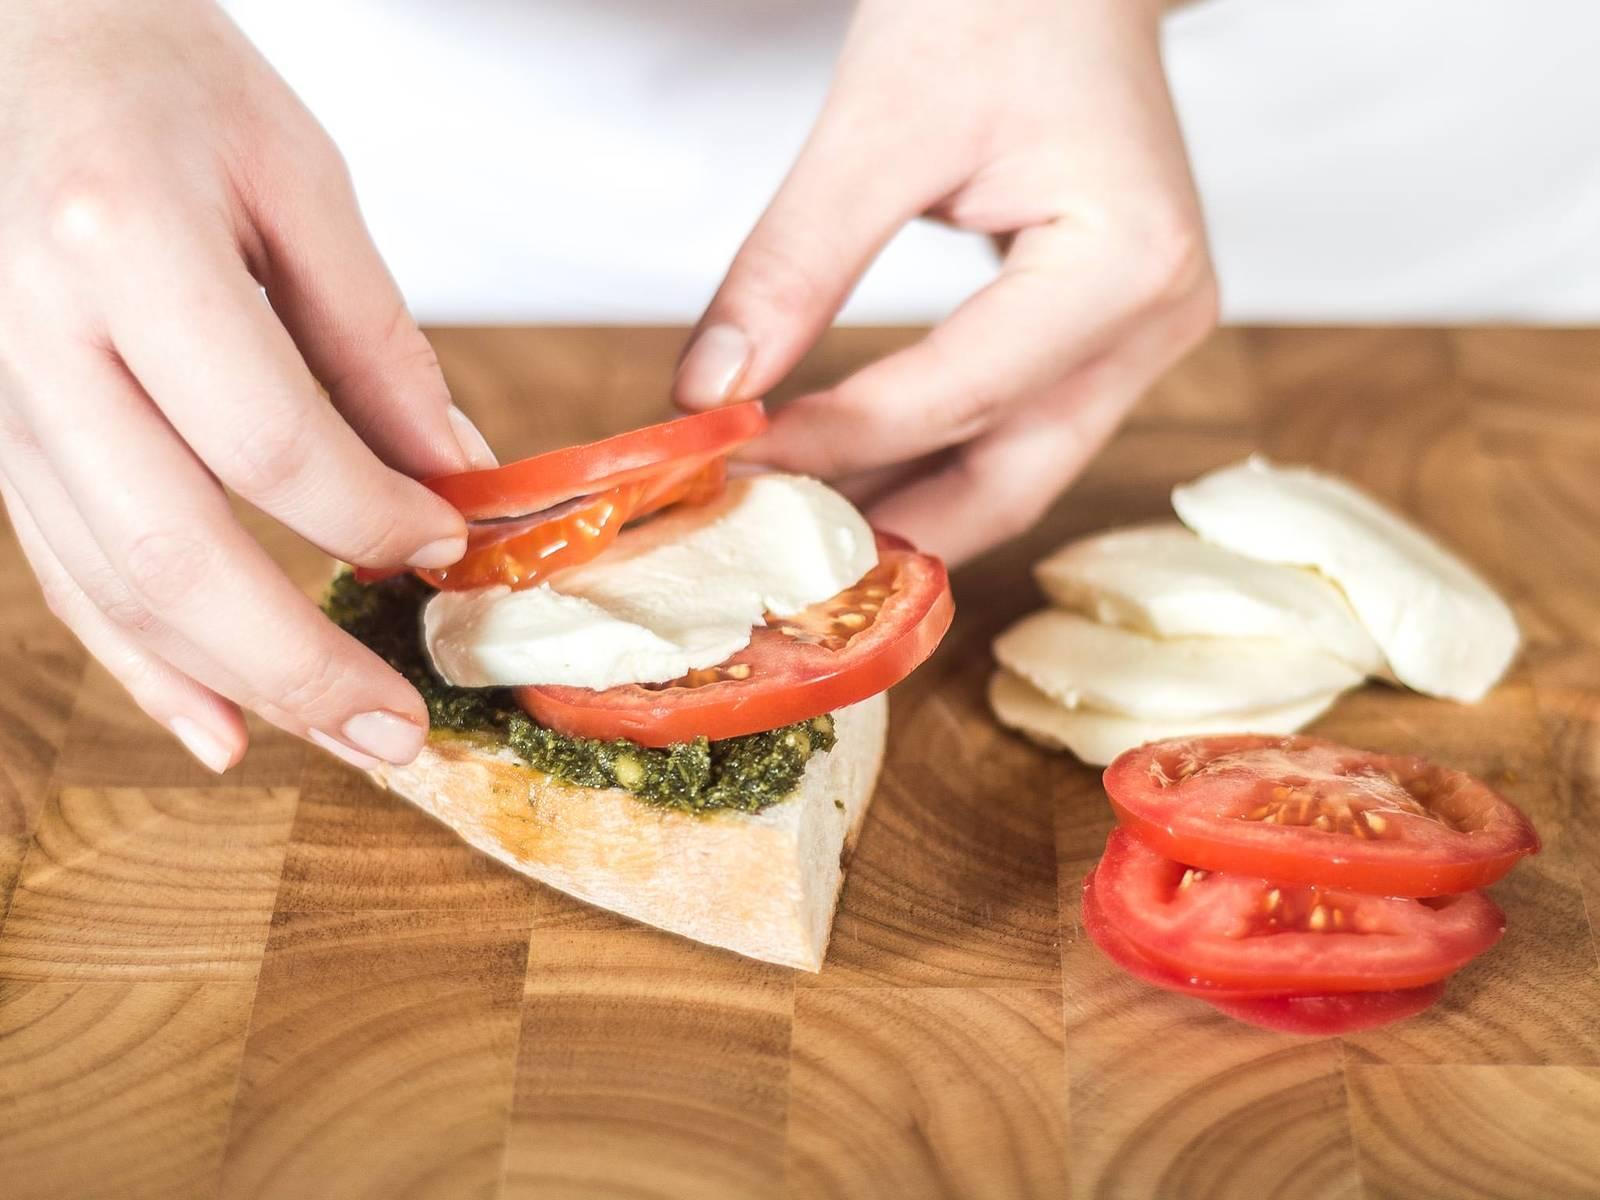 Anschließend das Brot mit Pesto bestreichen und Tomaten- sowie Mozzarellascheiben abwechselnd obenauf legen.